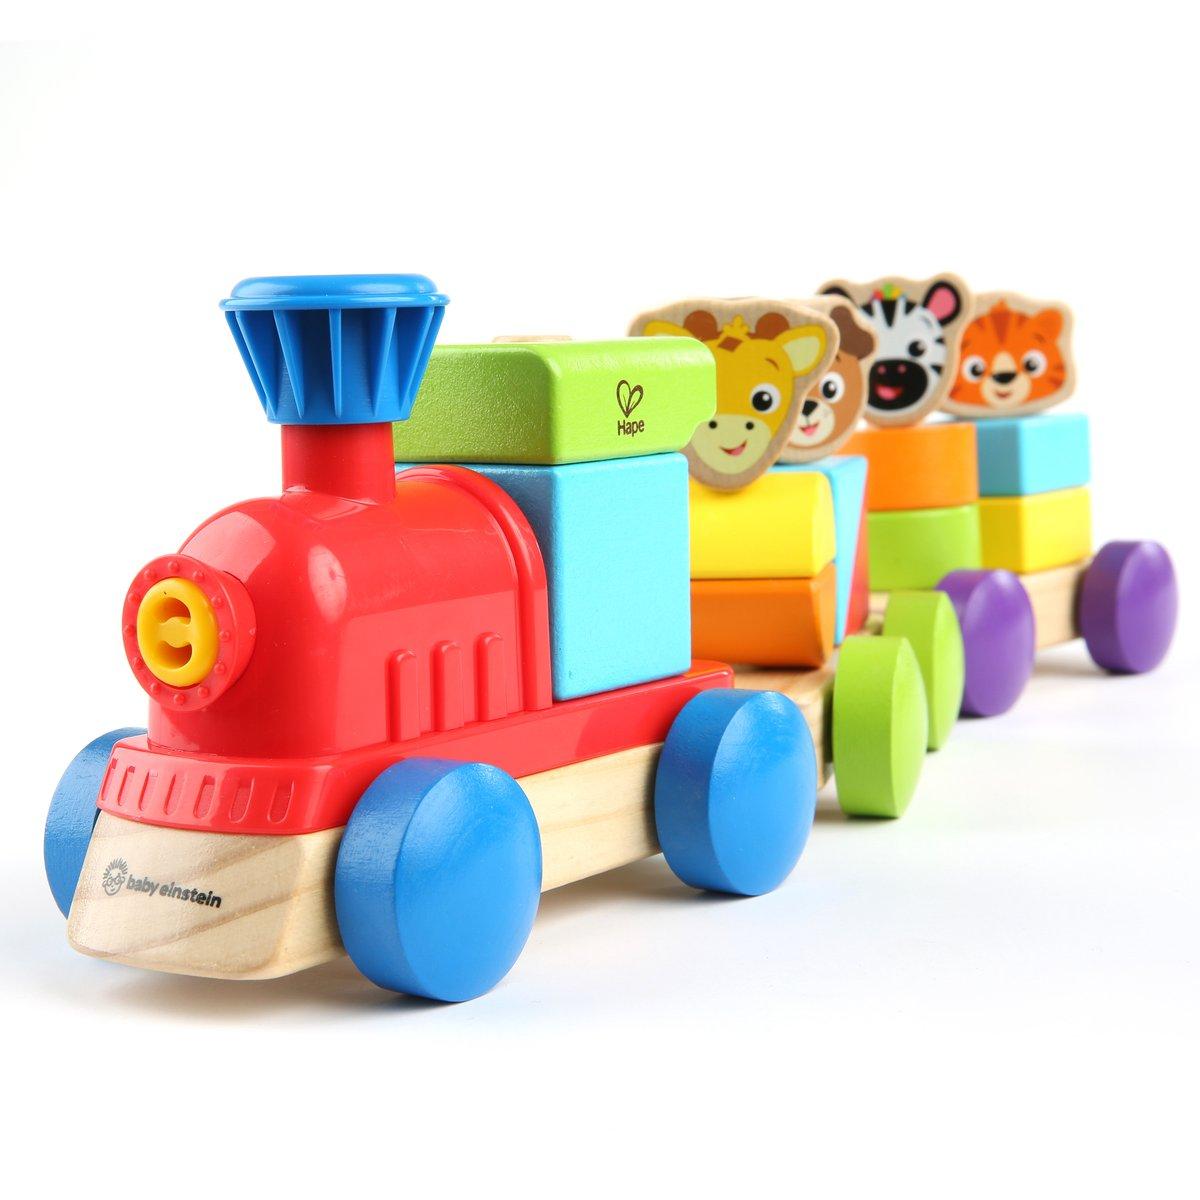 Hape - Baby Einstein - Wooden Discovery Train (6110)